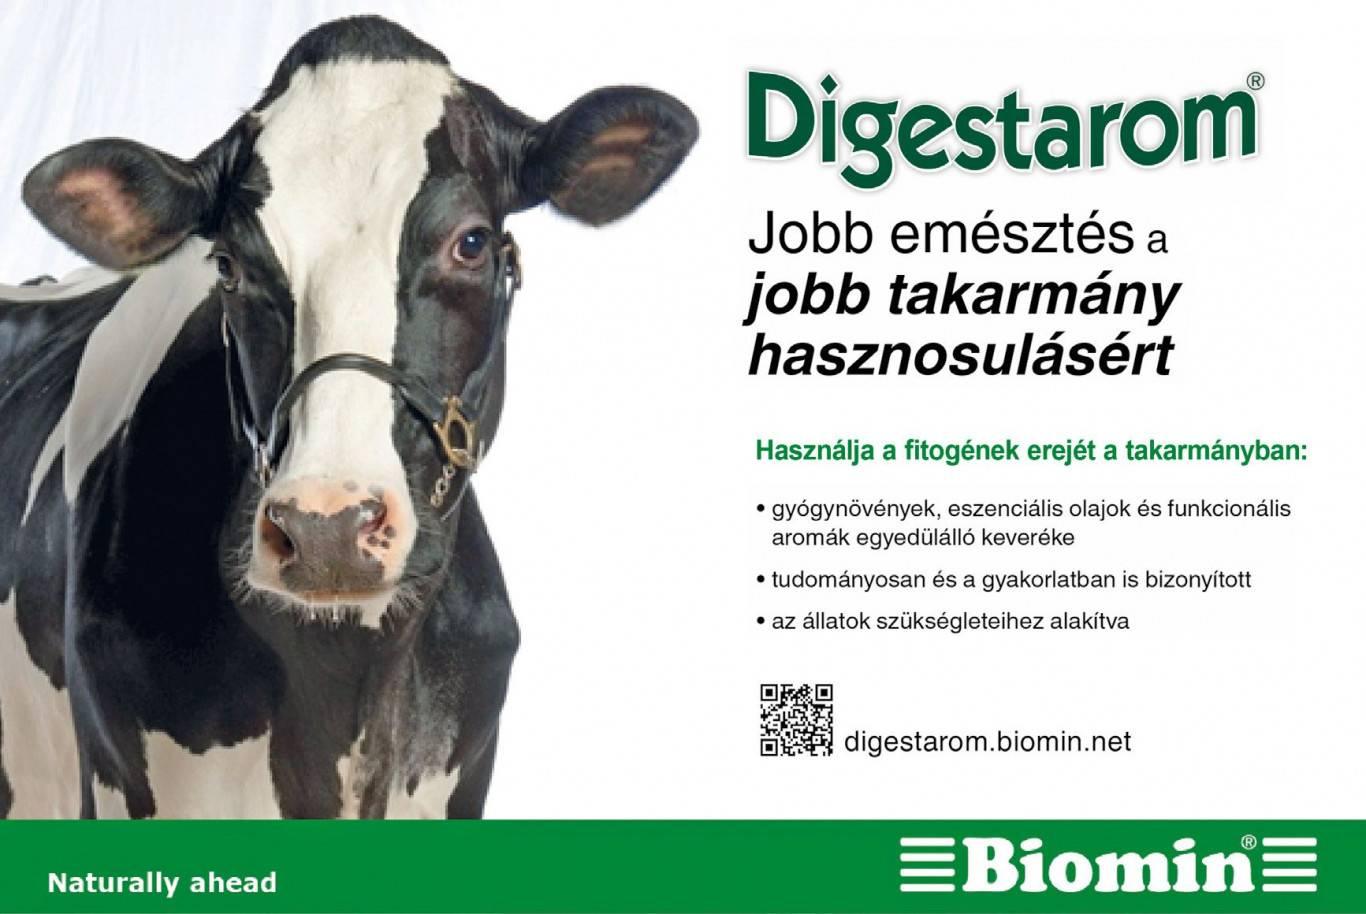 biomin-digestarom